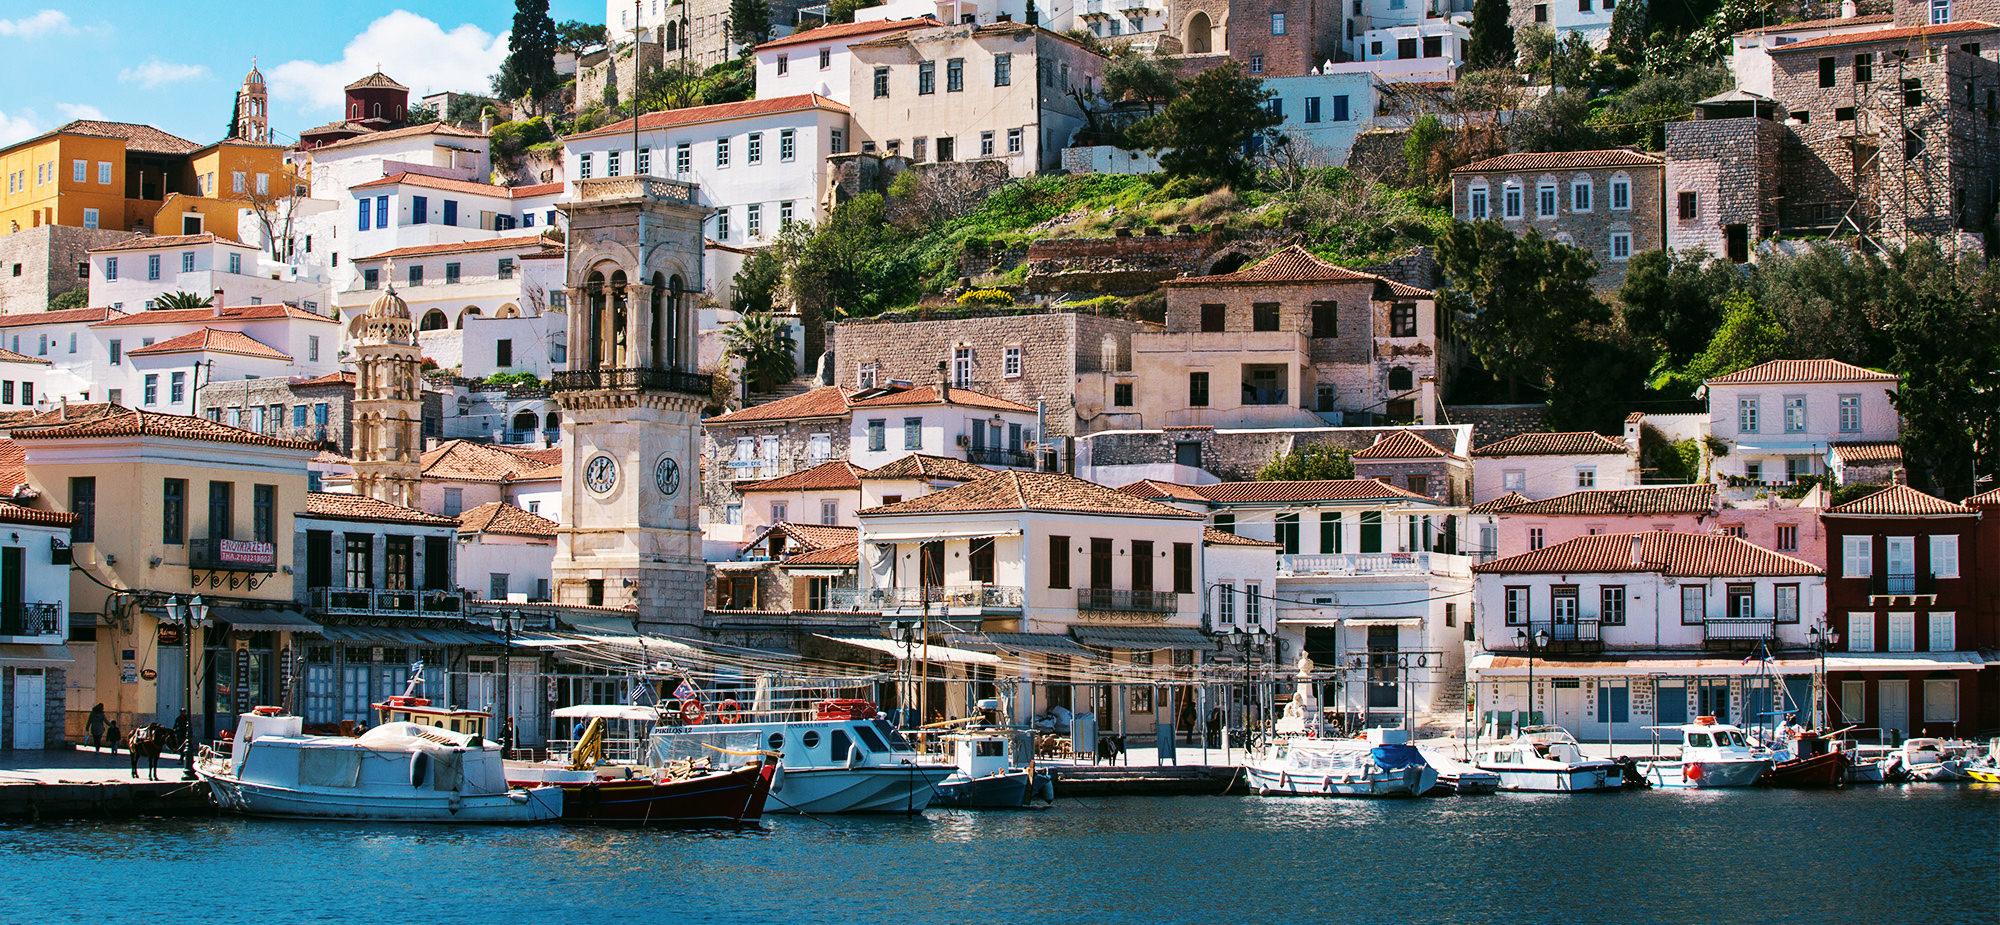 Grecia hoteis e roteiros de viagem